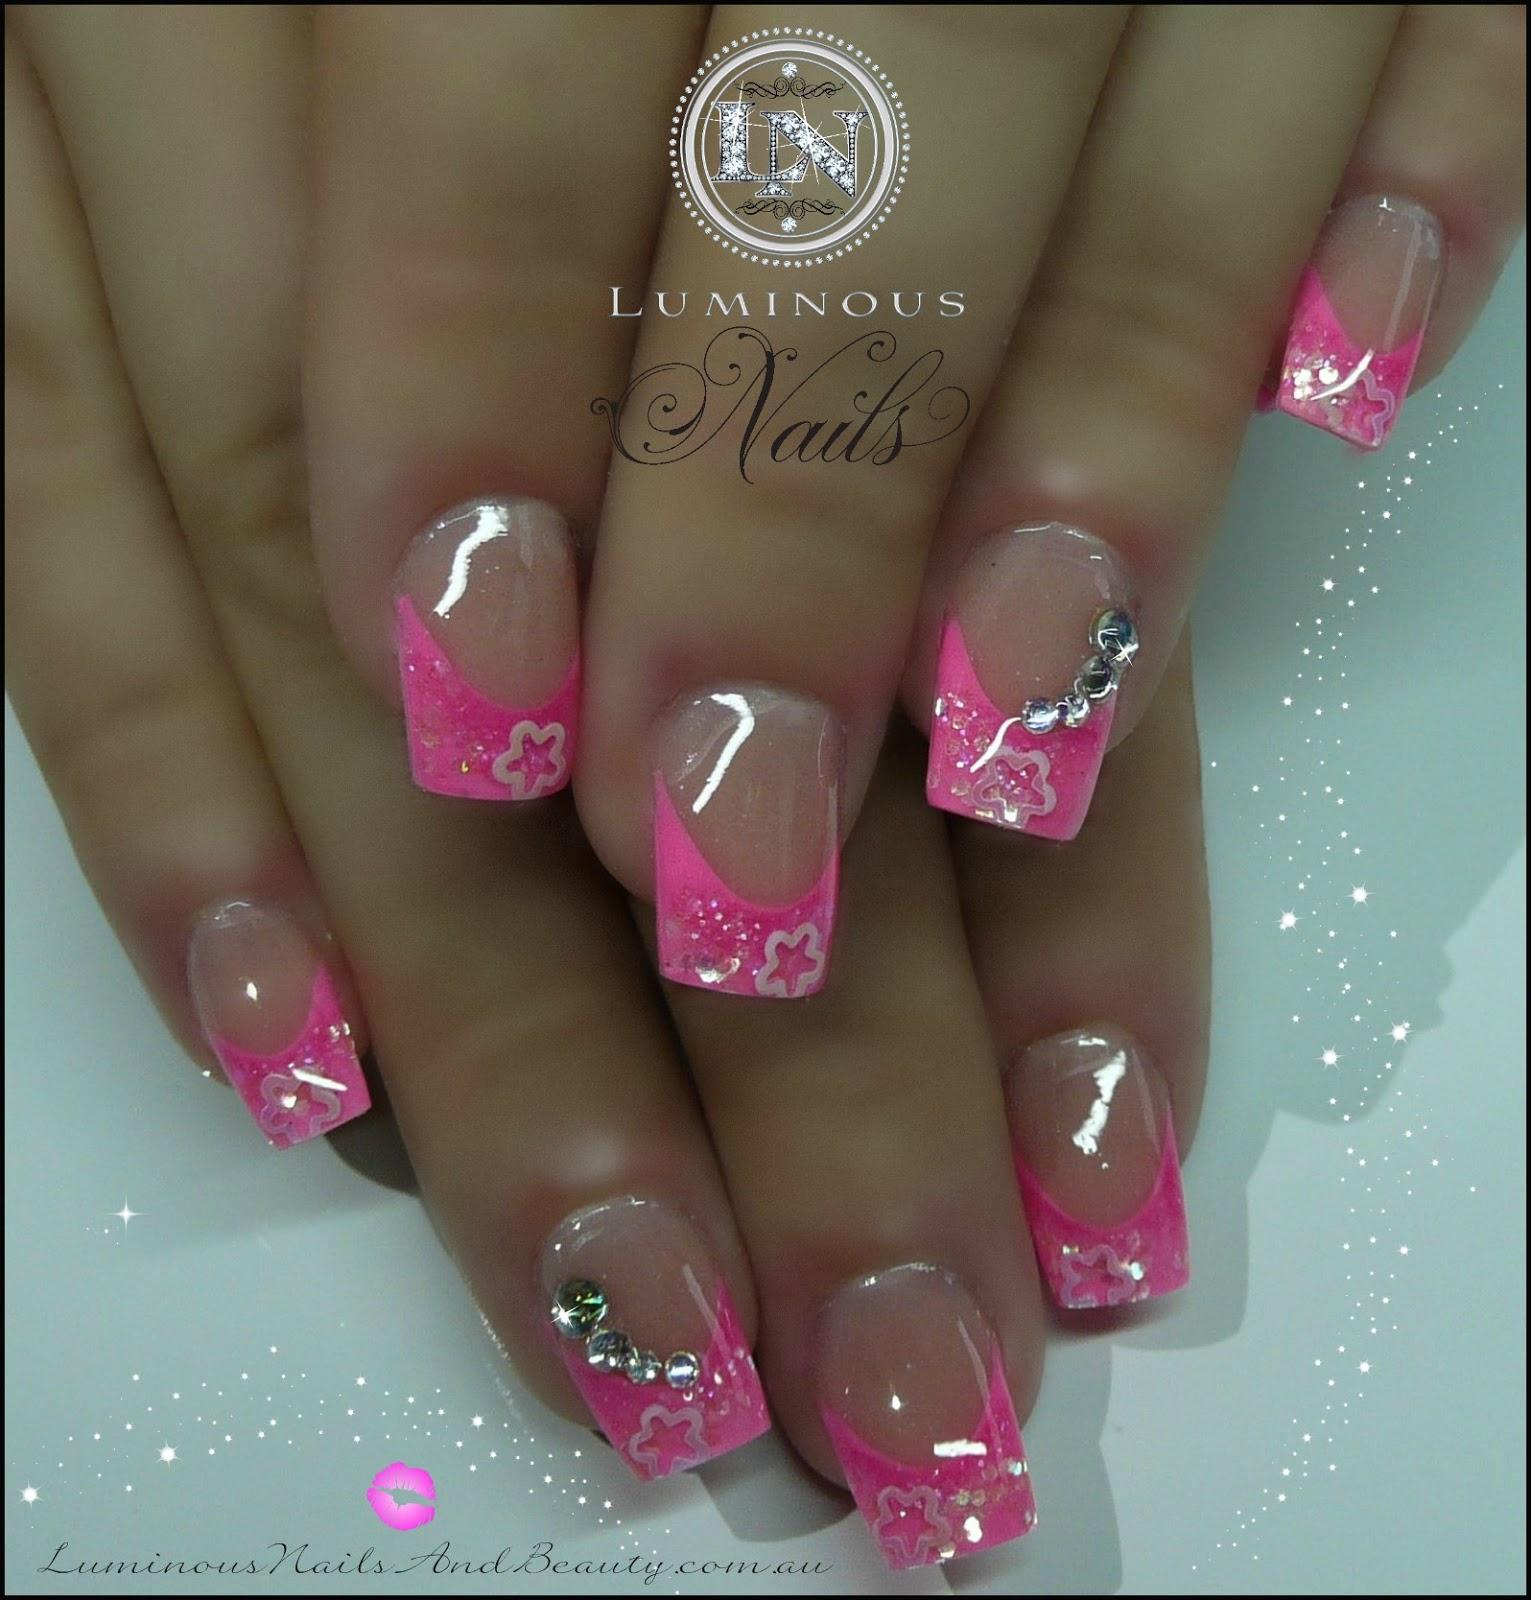 Pink Acrylic Nail Designs: Luminous Nails: May 2013